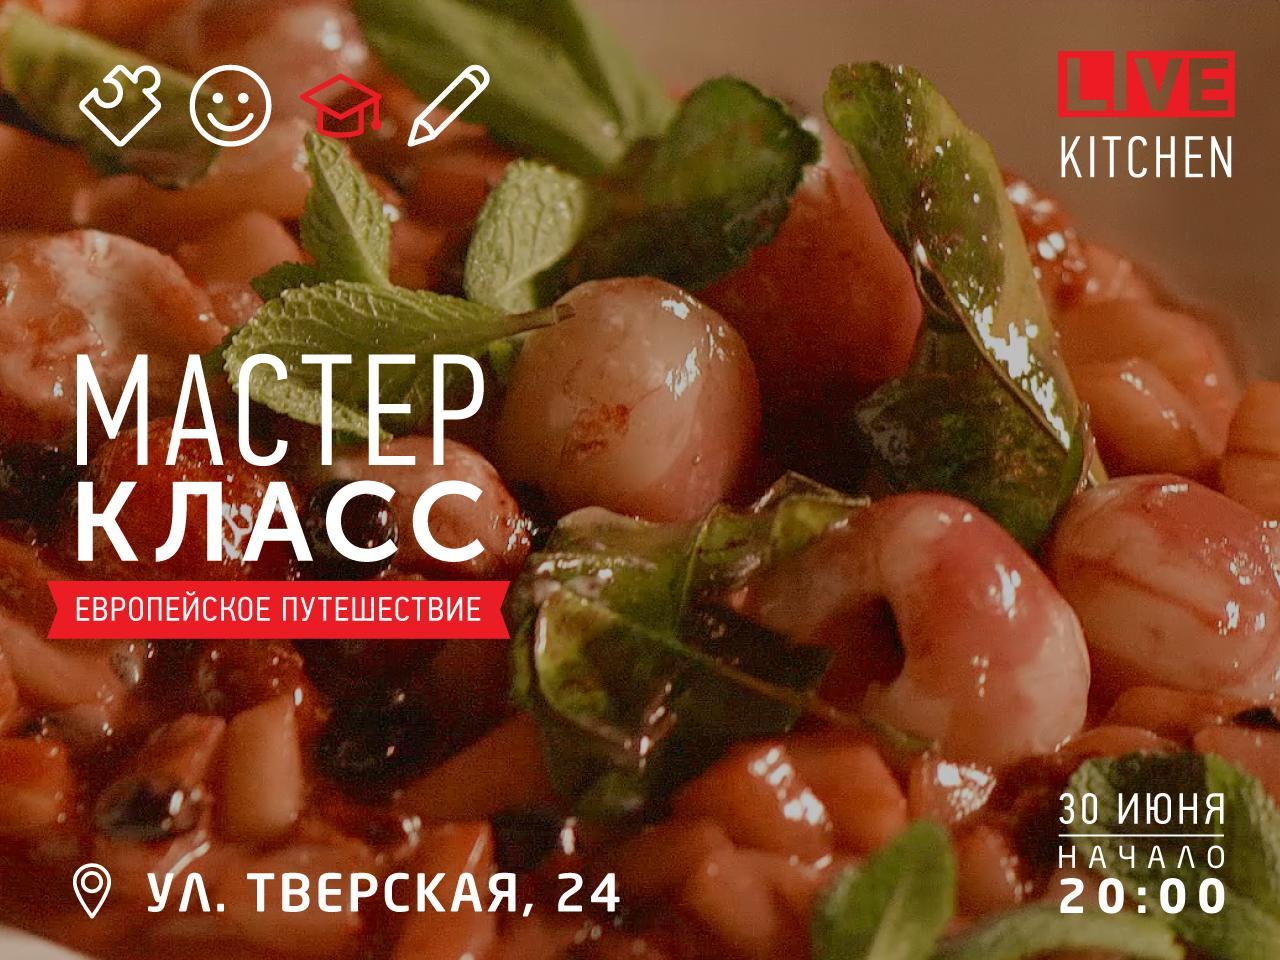 Мастер-класс по Европейской кухне